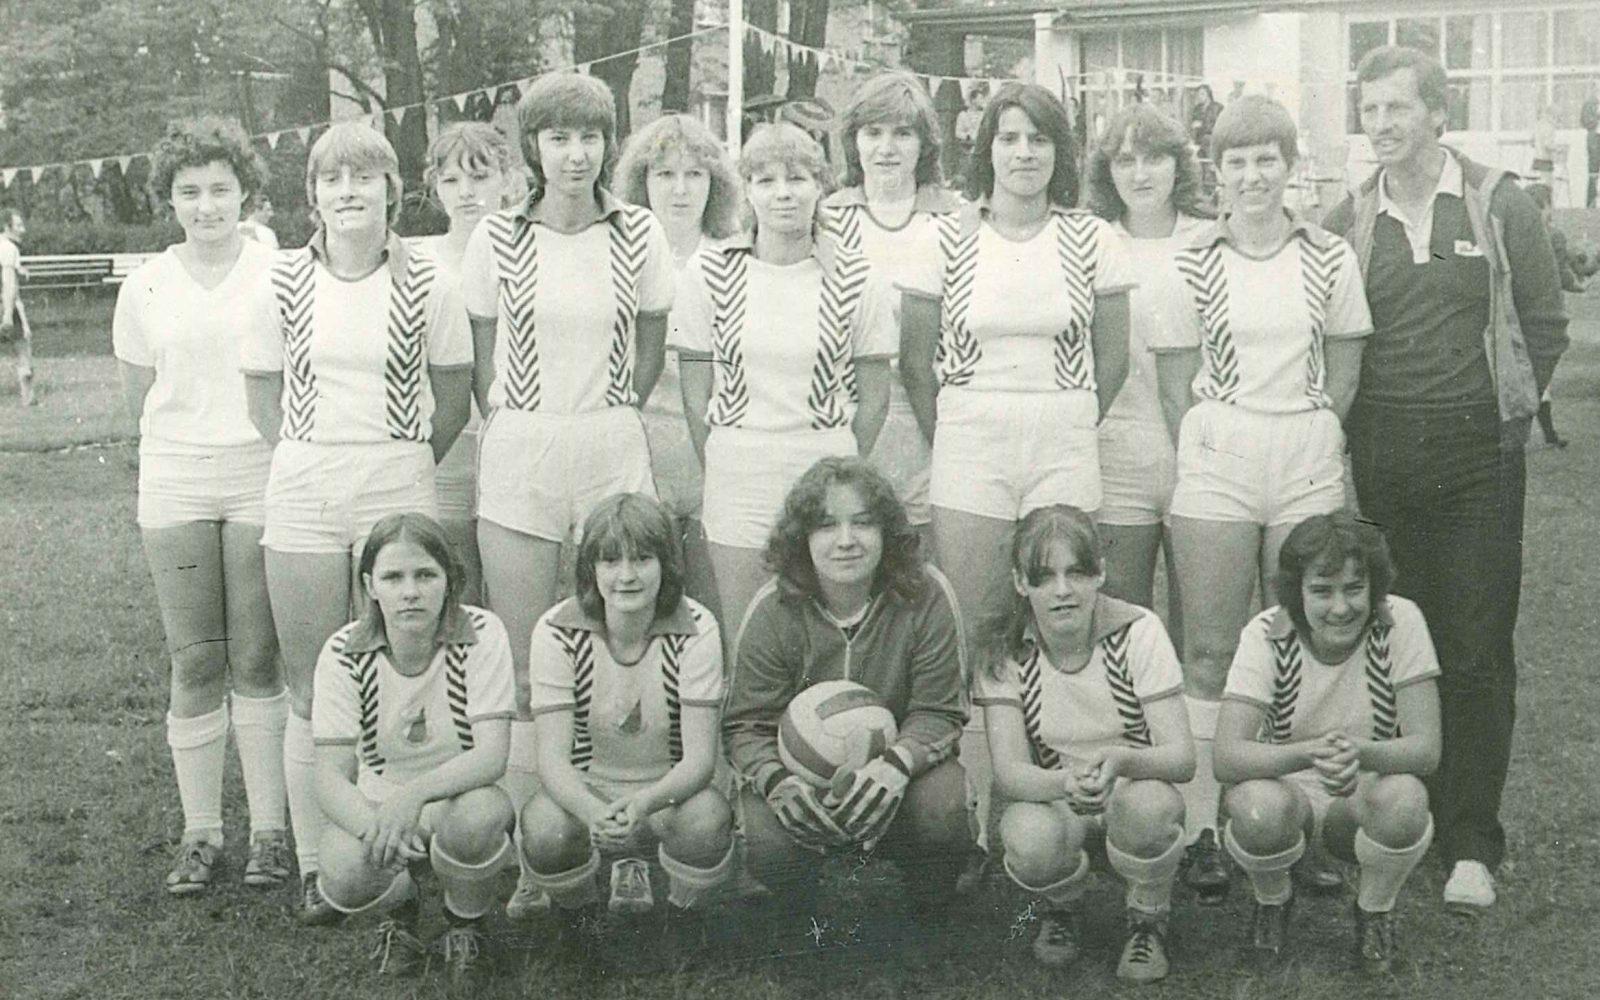 1981 23. Mai 50. Vereinsjubiläum Frauenmannschaft gewinnt 2-0 gegen Forst Berlin